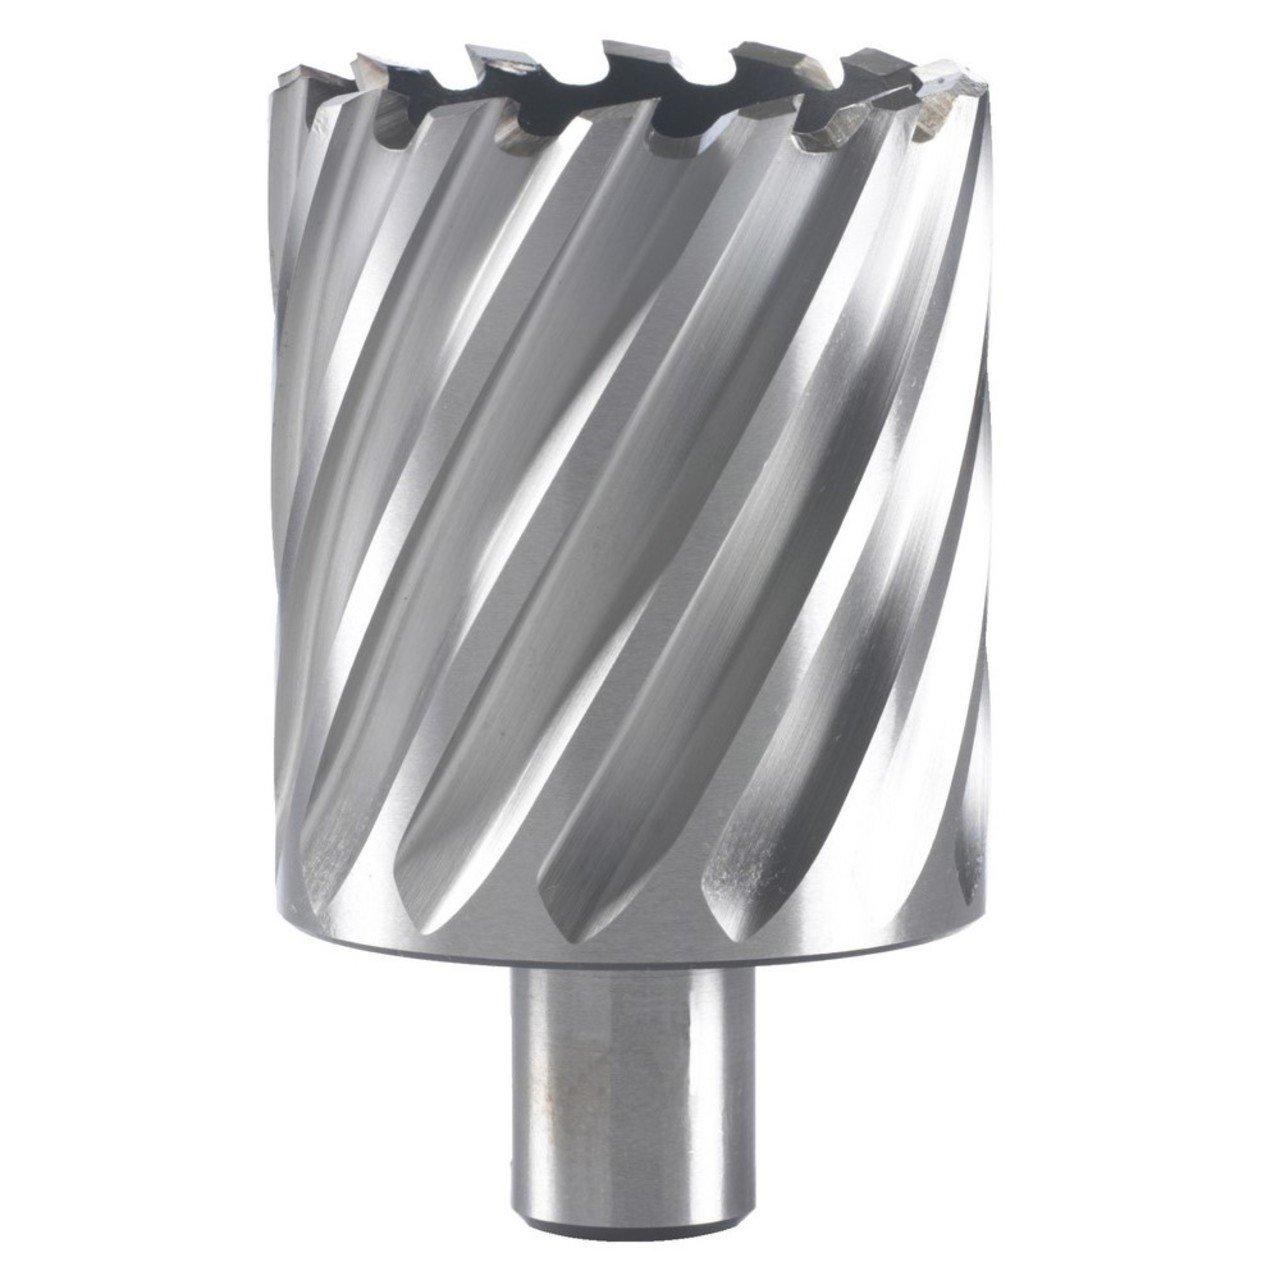 Hitachi tools - Broca hueca para metal largas diá metro 35x92mm 754524